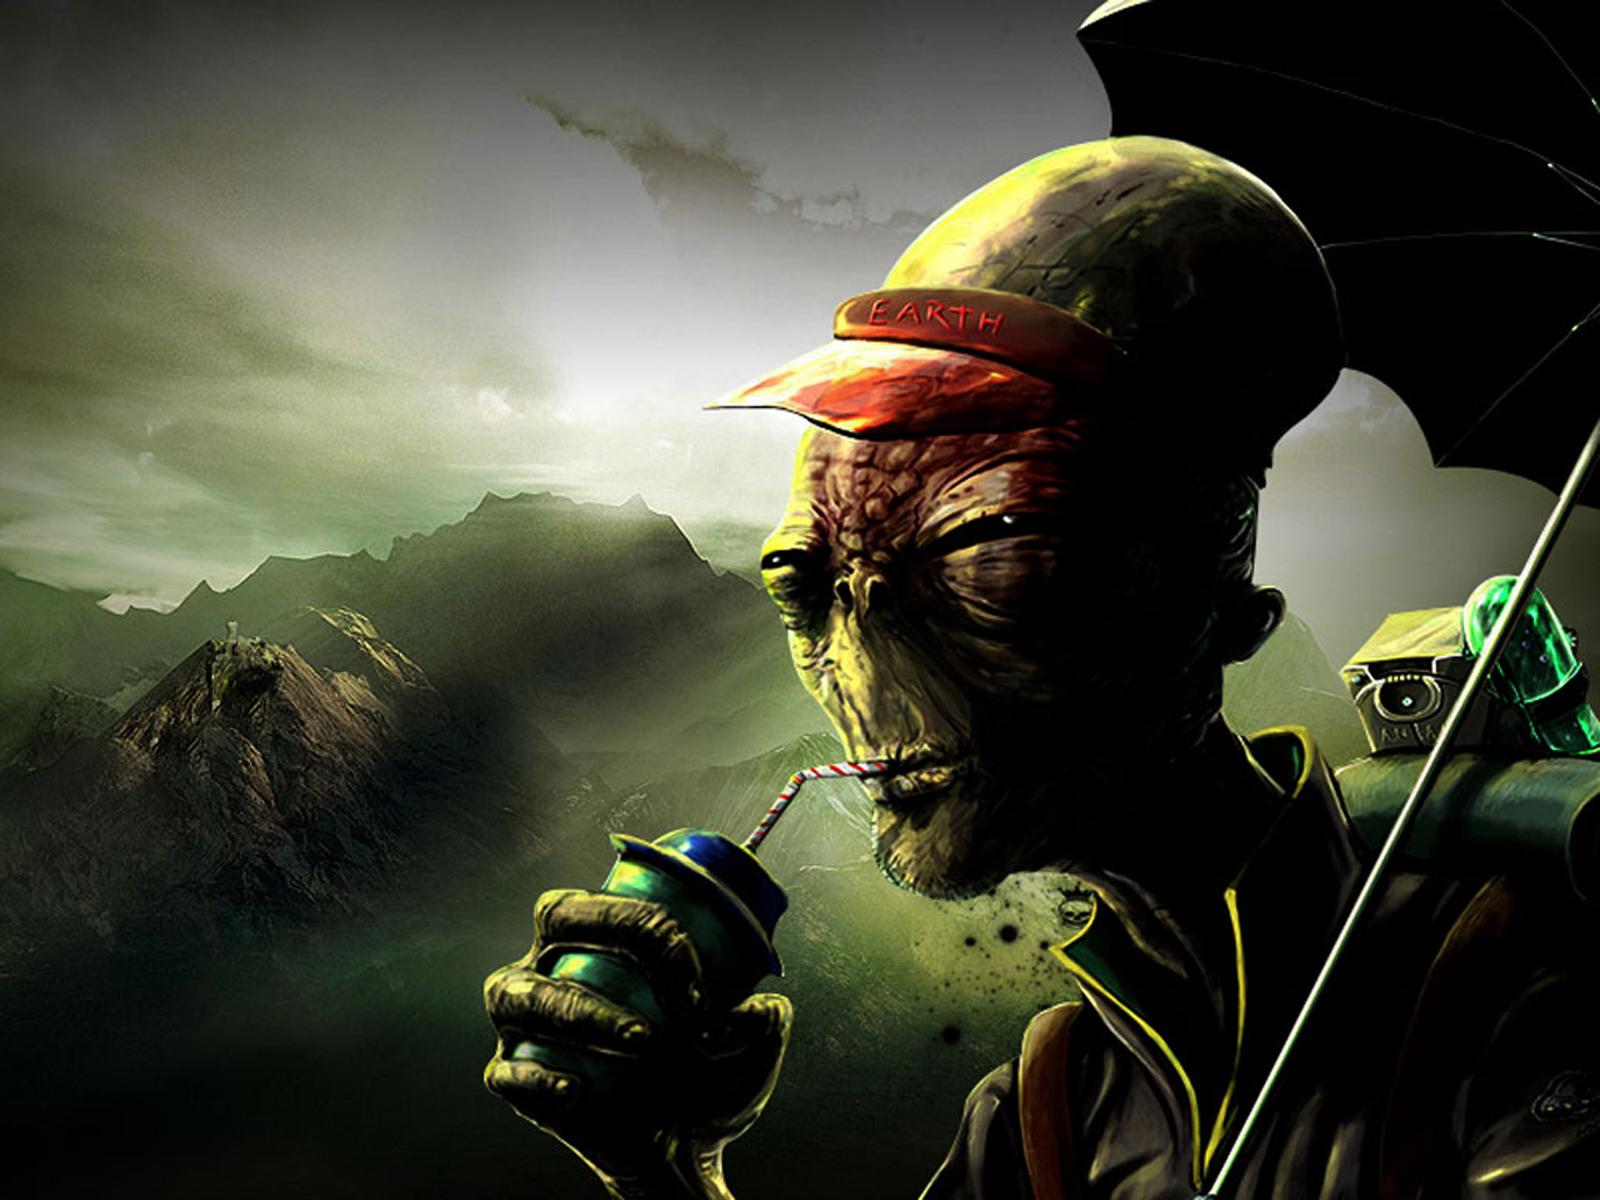 Alien Poster Movies Wallpaper HD 187 3675 Wallpaper High Resolution 1600x1200